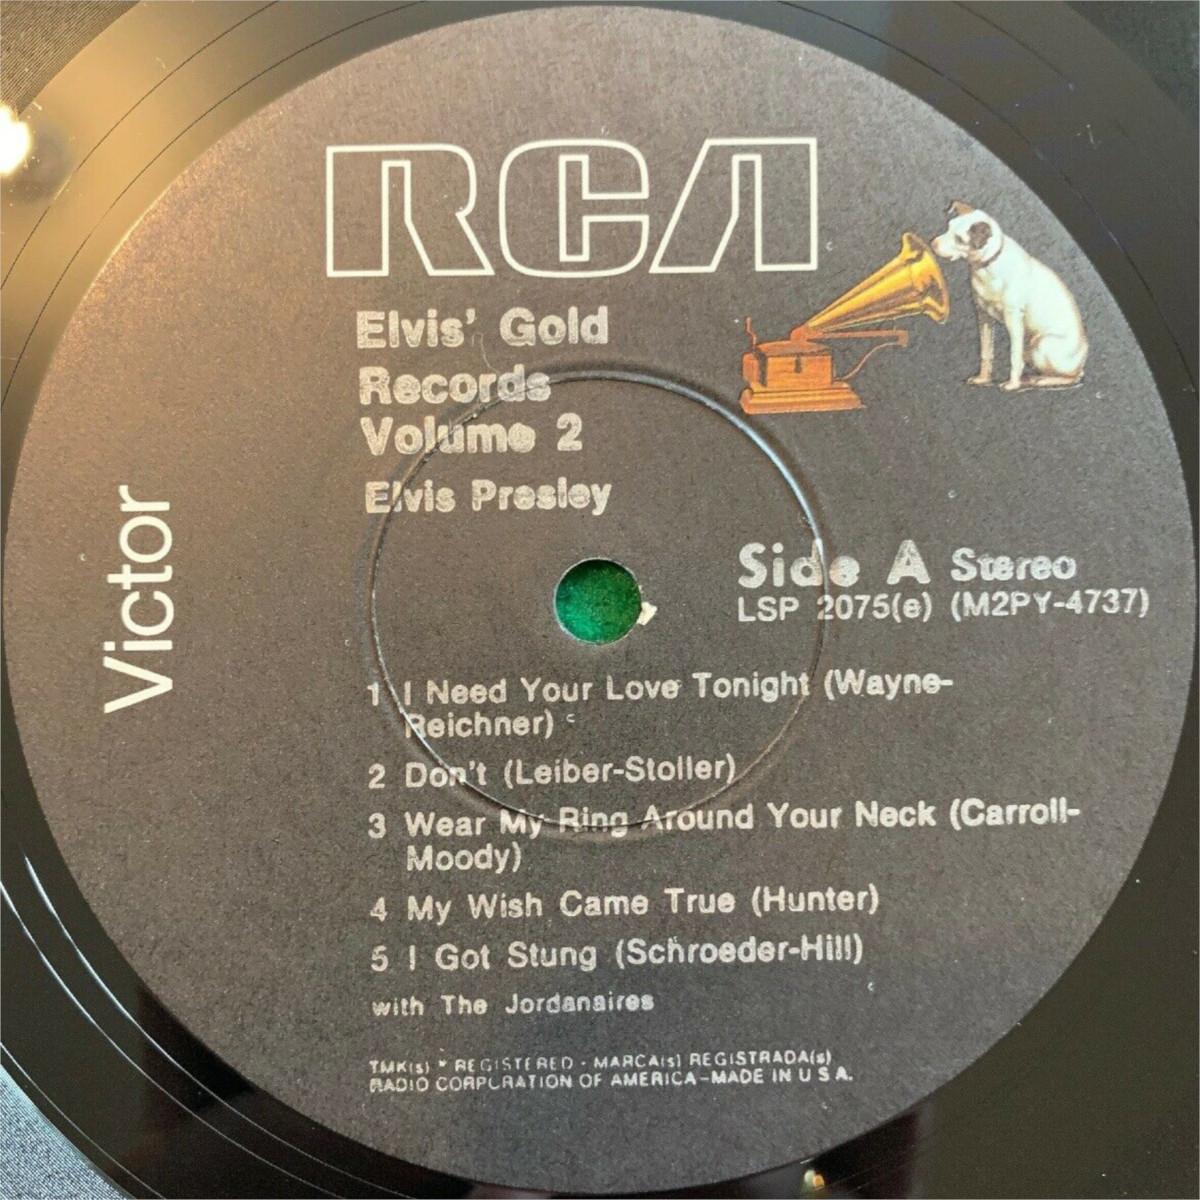 ELVIS' GOLD RECORDS VOL 2 Lsp-2075e-76-3drjzg